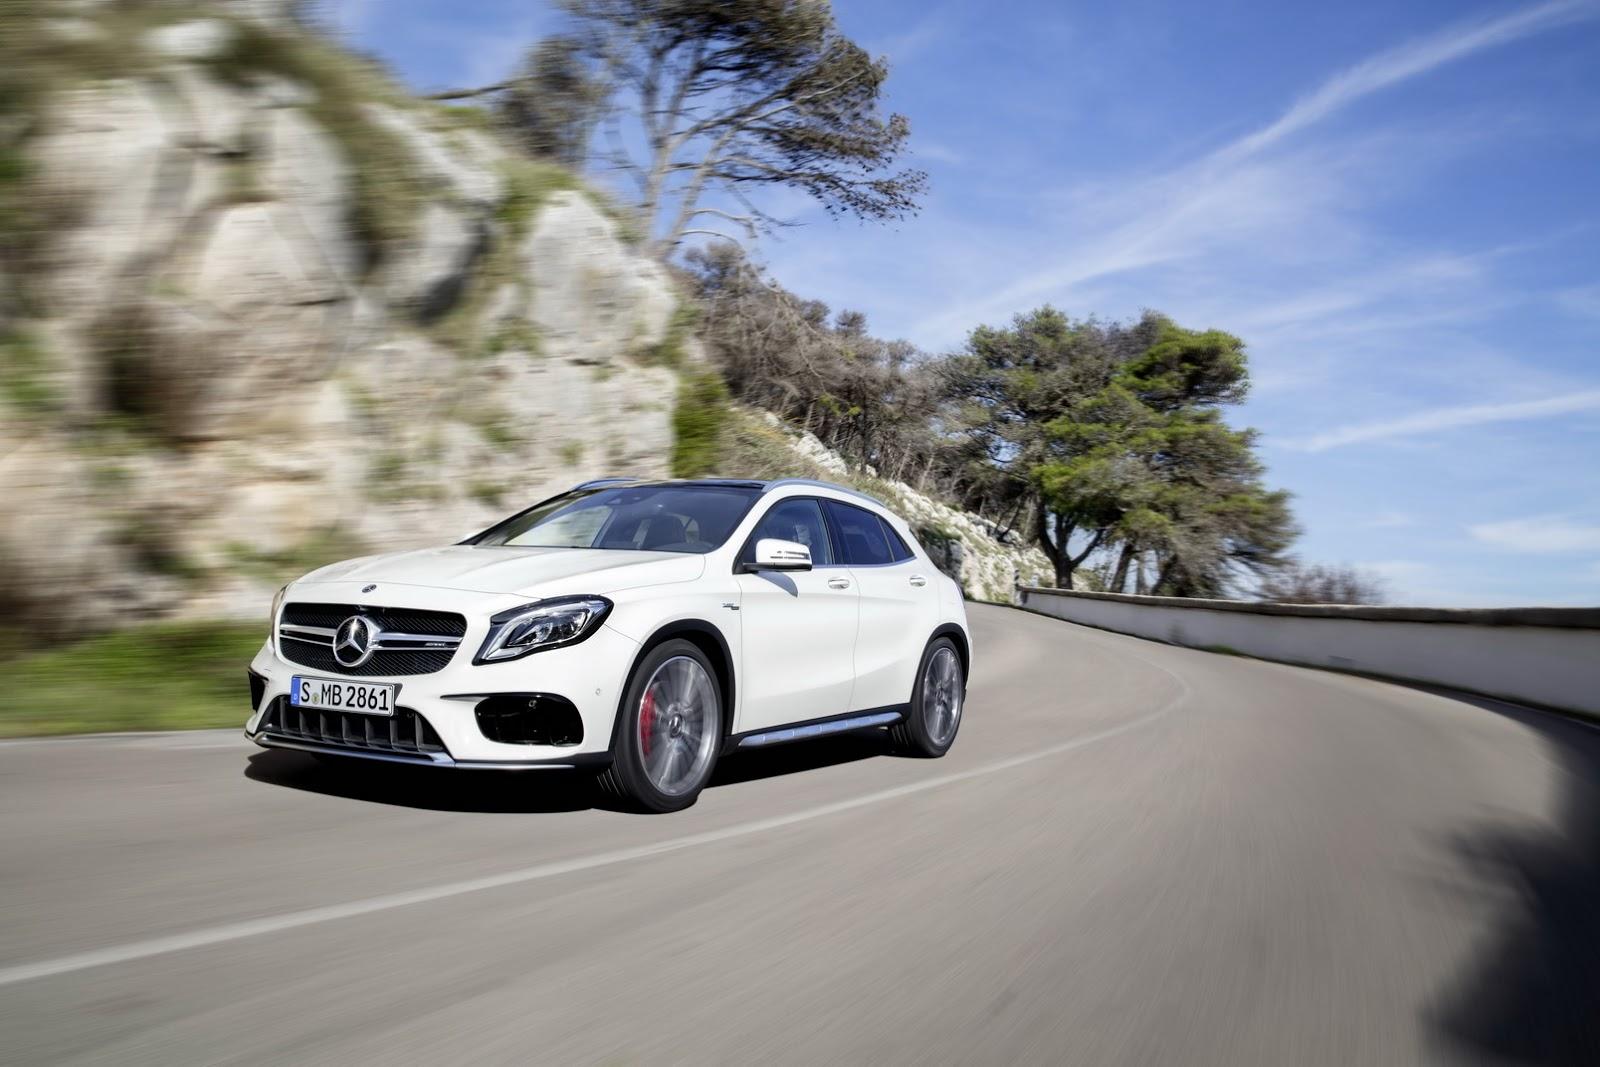 Mercedes GLA facelift and GLA 45 AMG facelift 2017 (9)